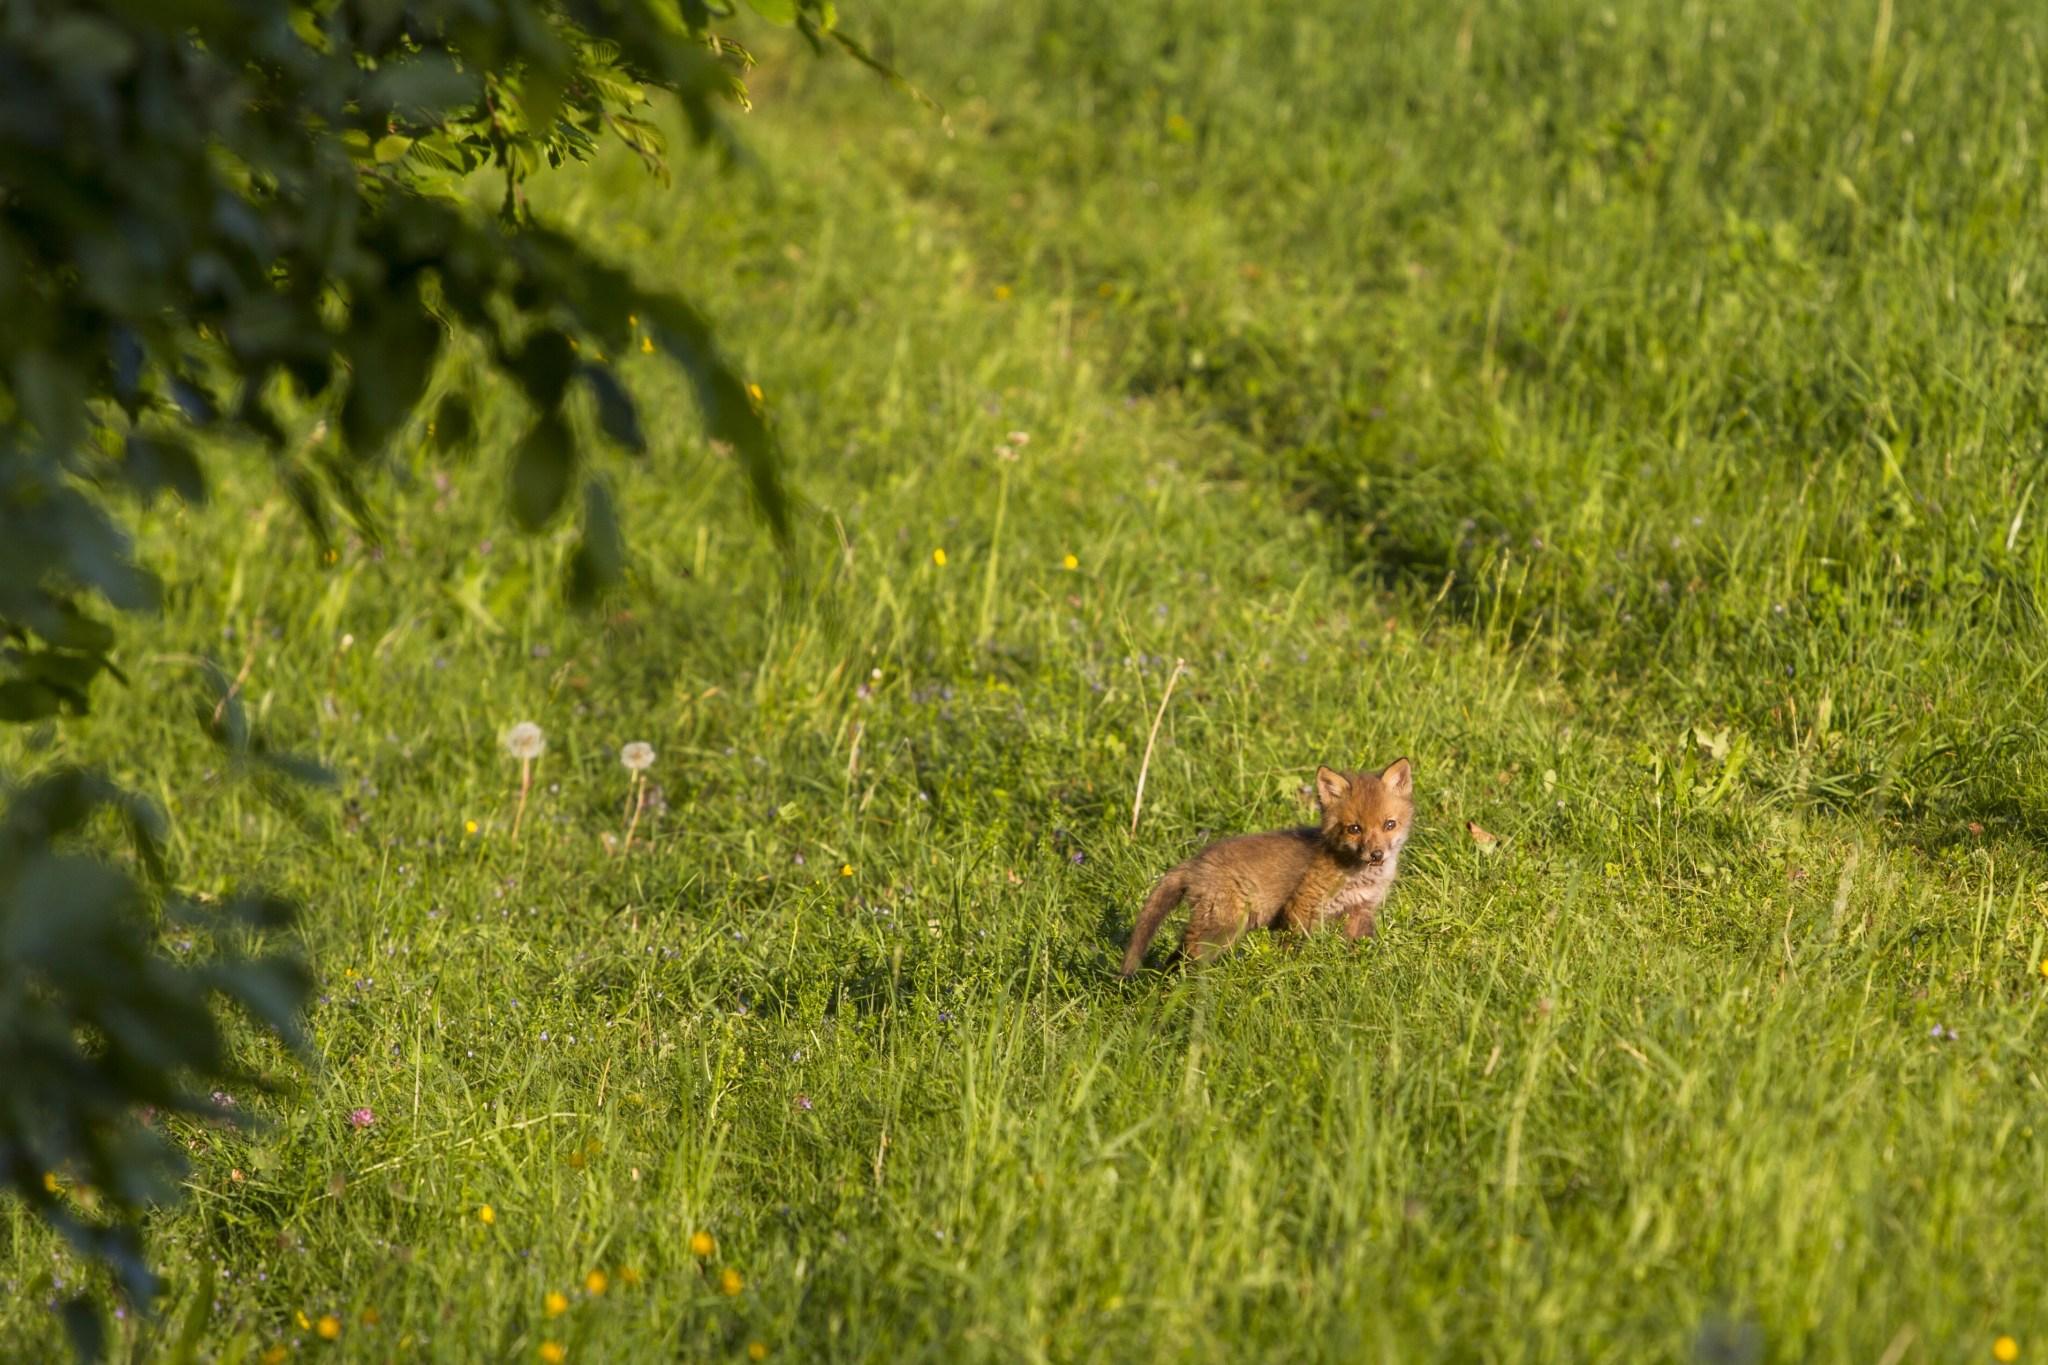 Wiener Tierschutzverein Junge Wildtiere schützen